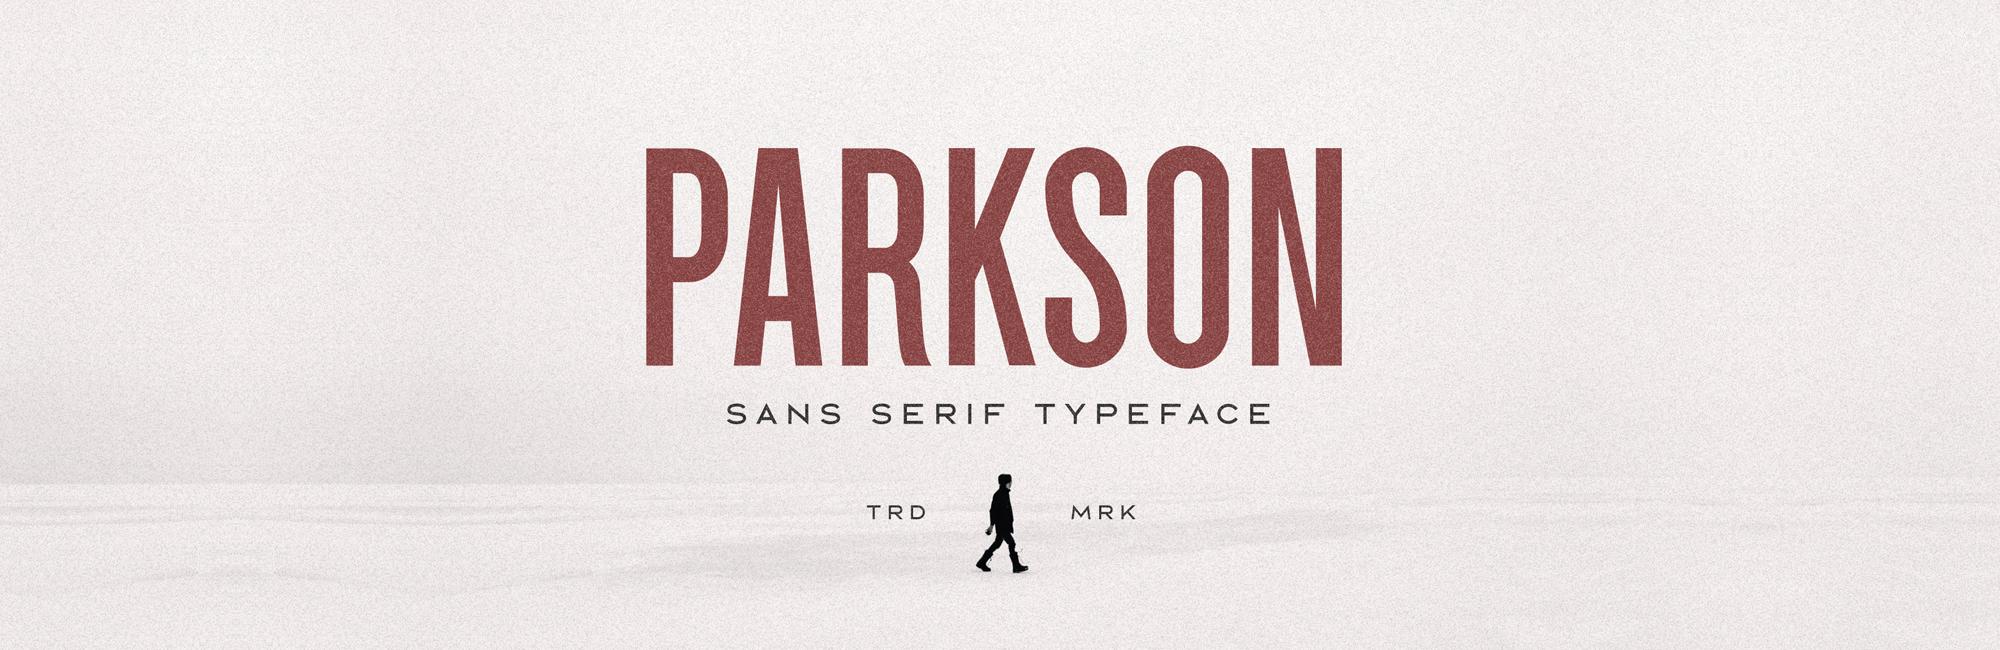 banner_parkson.jpg